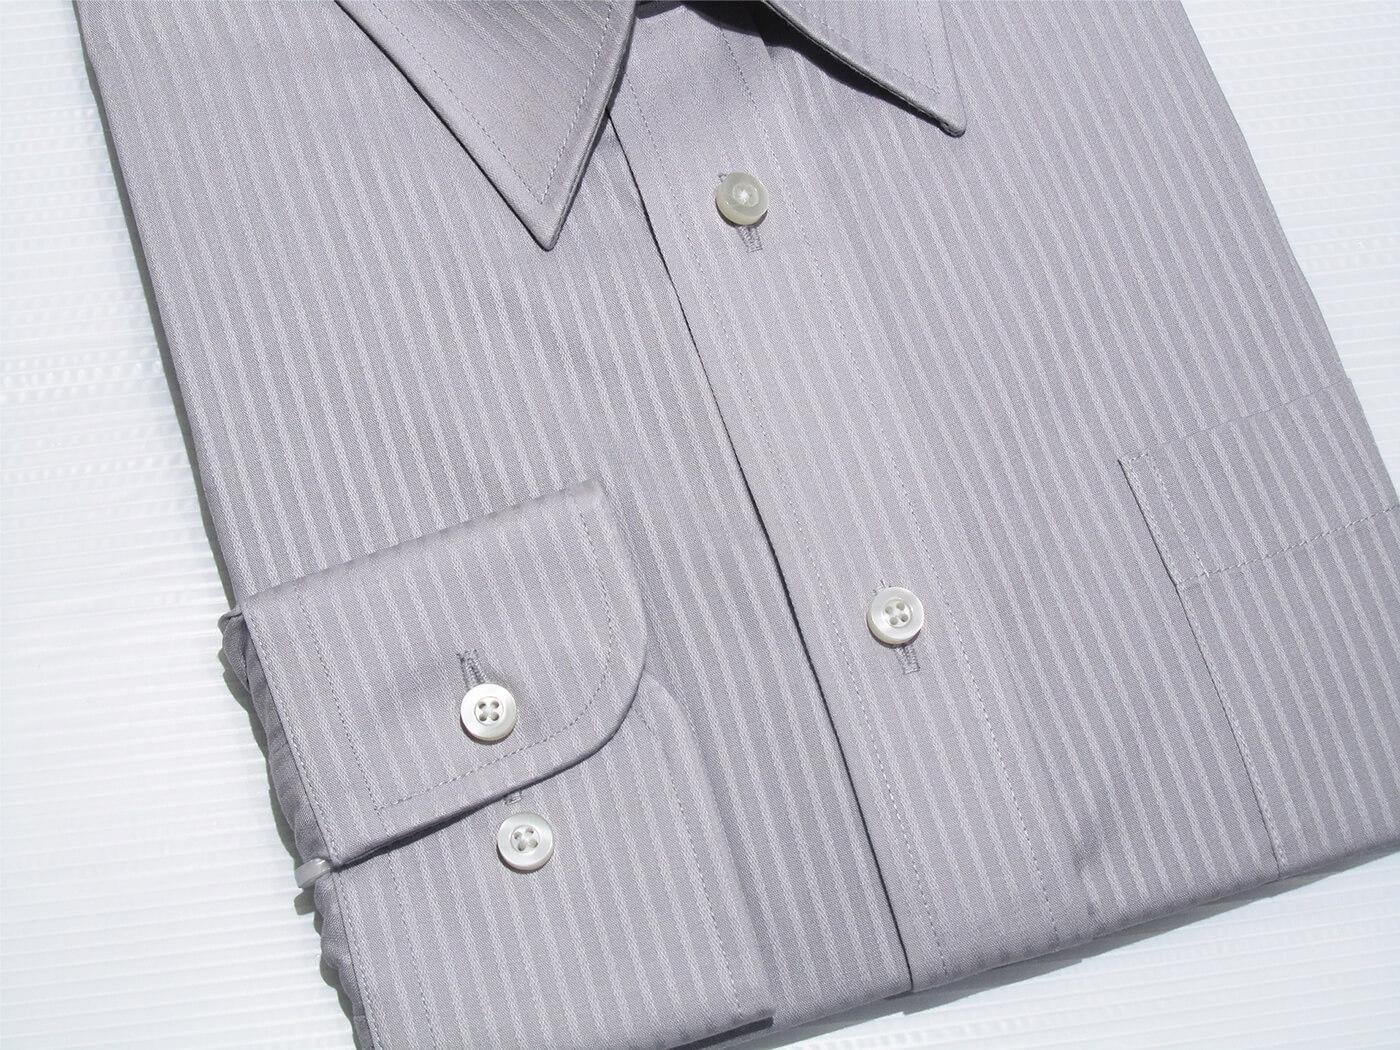 腰身剪裁正式襯衫 直條紋襯衫 舒適標準襯衫 面試襯衫 上班族襯衫 商務襯衫 長袖襯衫 不皺免燙襯衫 (322-3794)淺藍直條紋、(322-3795)淺灰直條紋 領圍:15~18英吋 [實體店面保障] sun-e322 7